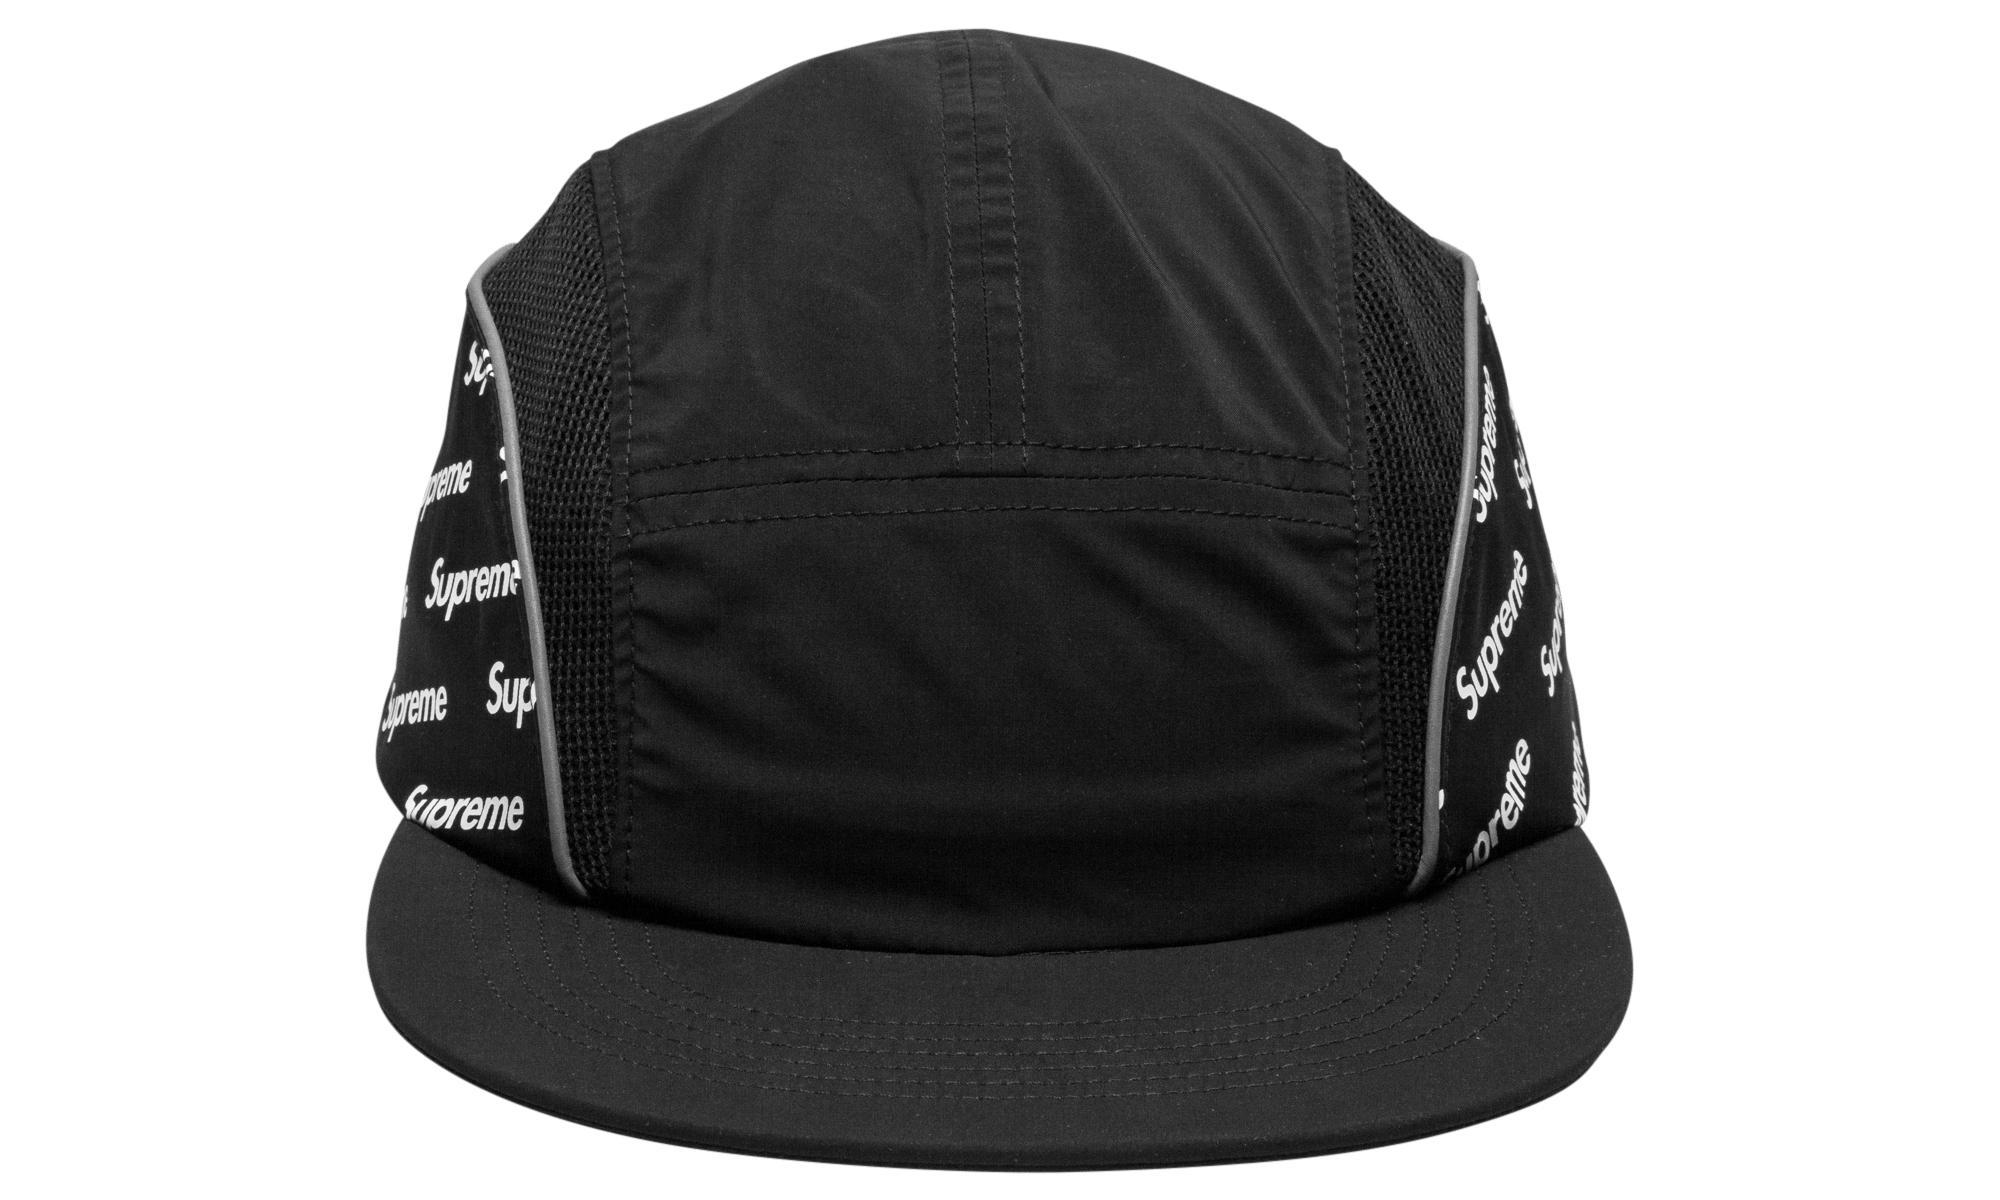 8c69af4820c Supreme - Black Diagonal Logo Side Panel Camp for Men - Lyst. View  fullscreen